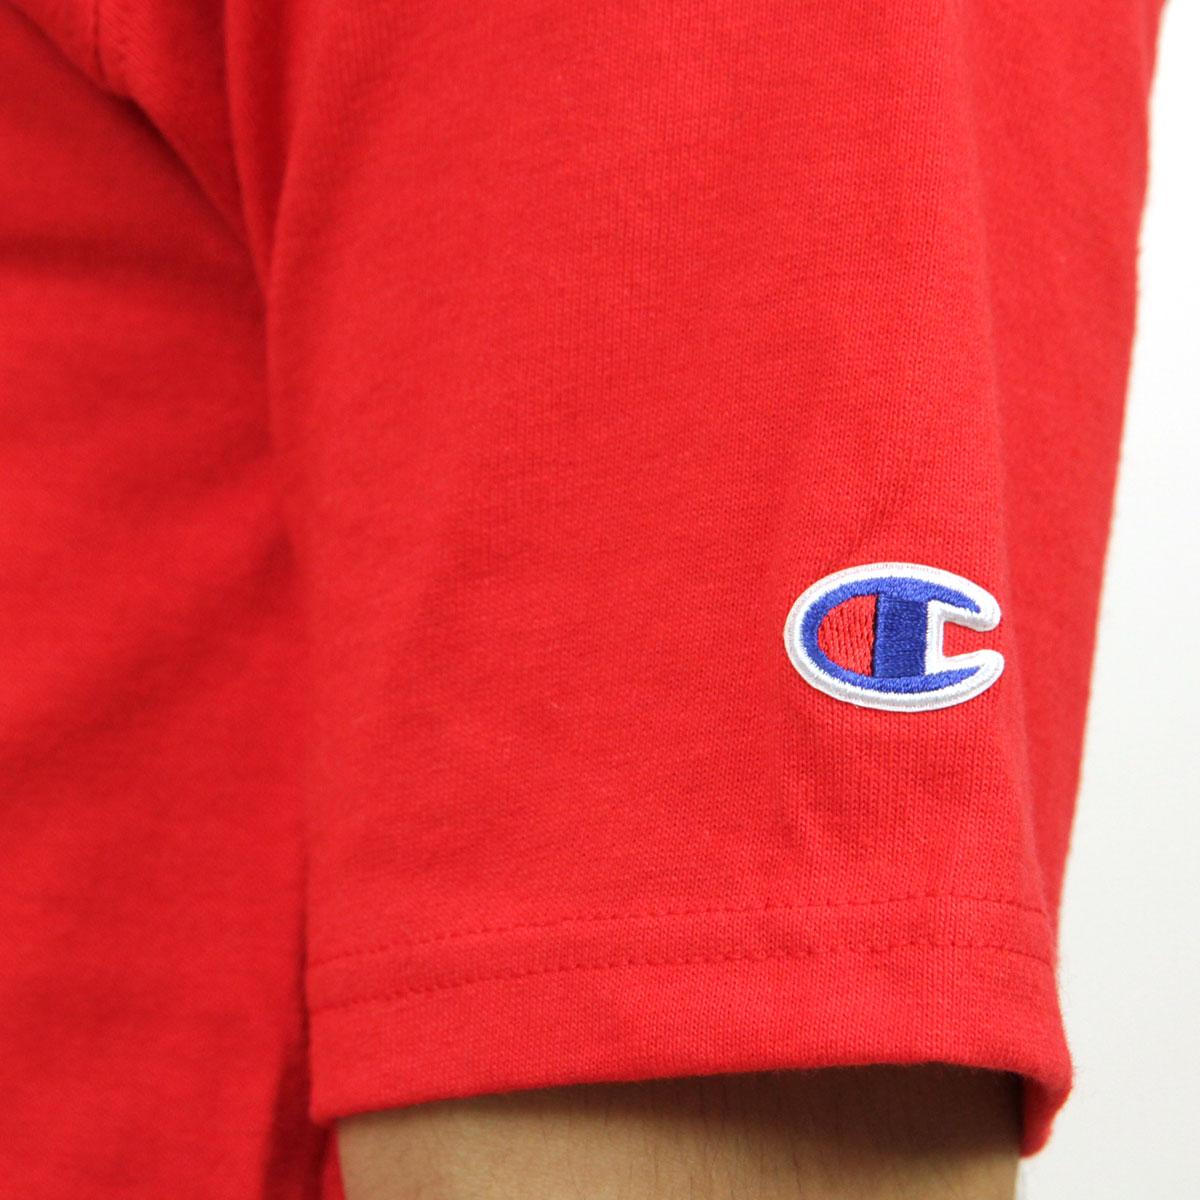 チャンピオン CHAMPION 正規品 メンズ 半袖Tシャツ CREW TEE T1919 Heritage Tee W3J-TEAMREDSCARLET